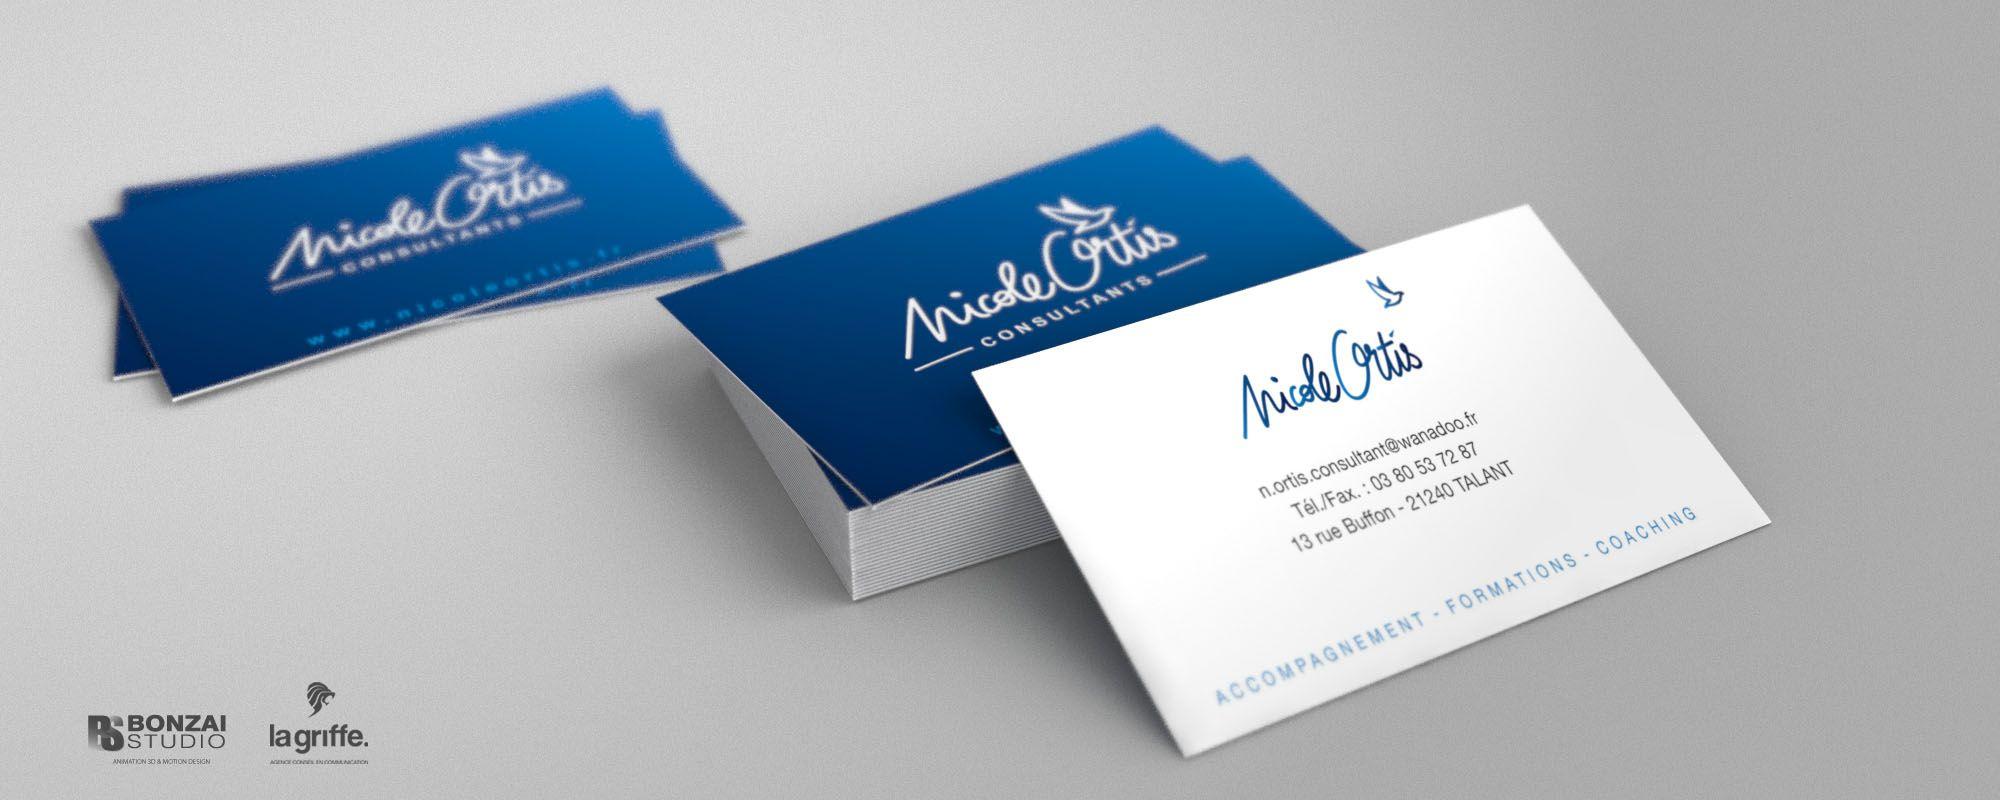 Pile De Cartes Visites Nicole Ortis Par La Griffe Agence Communication Design